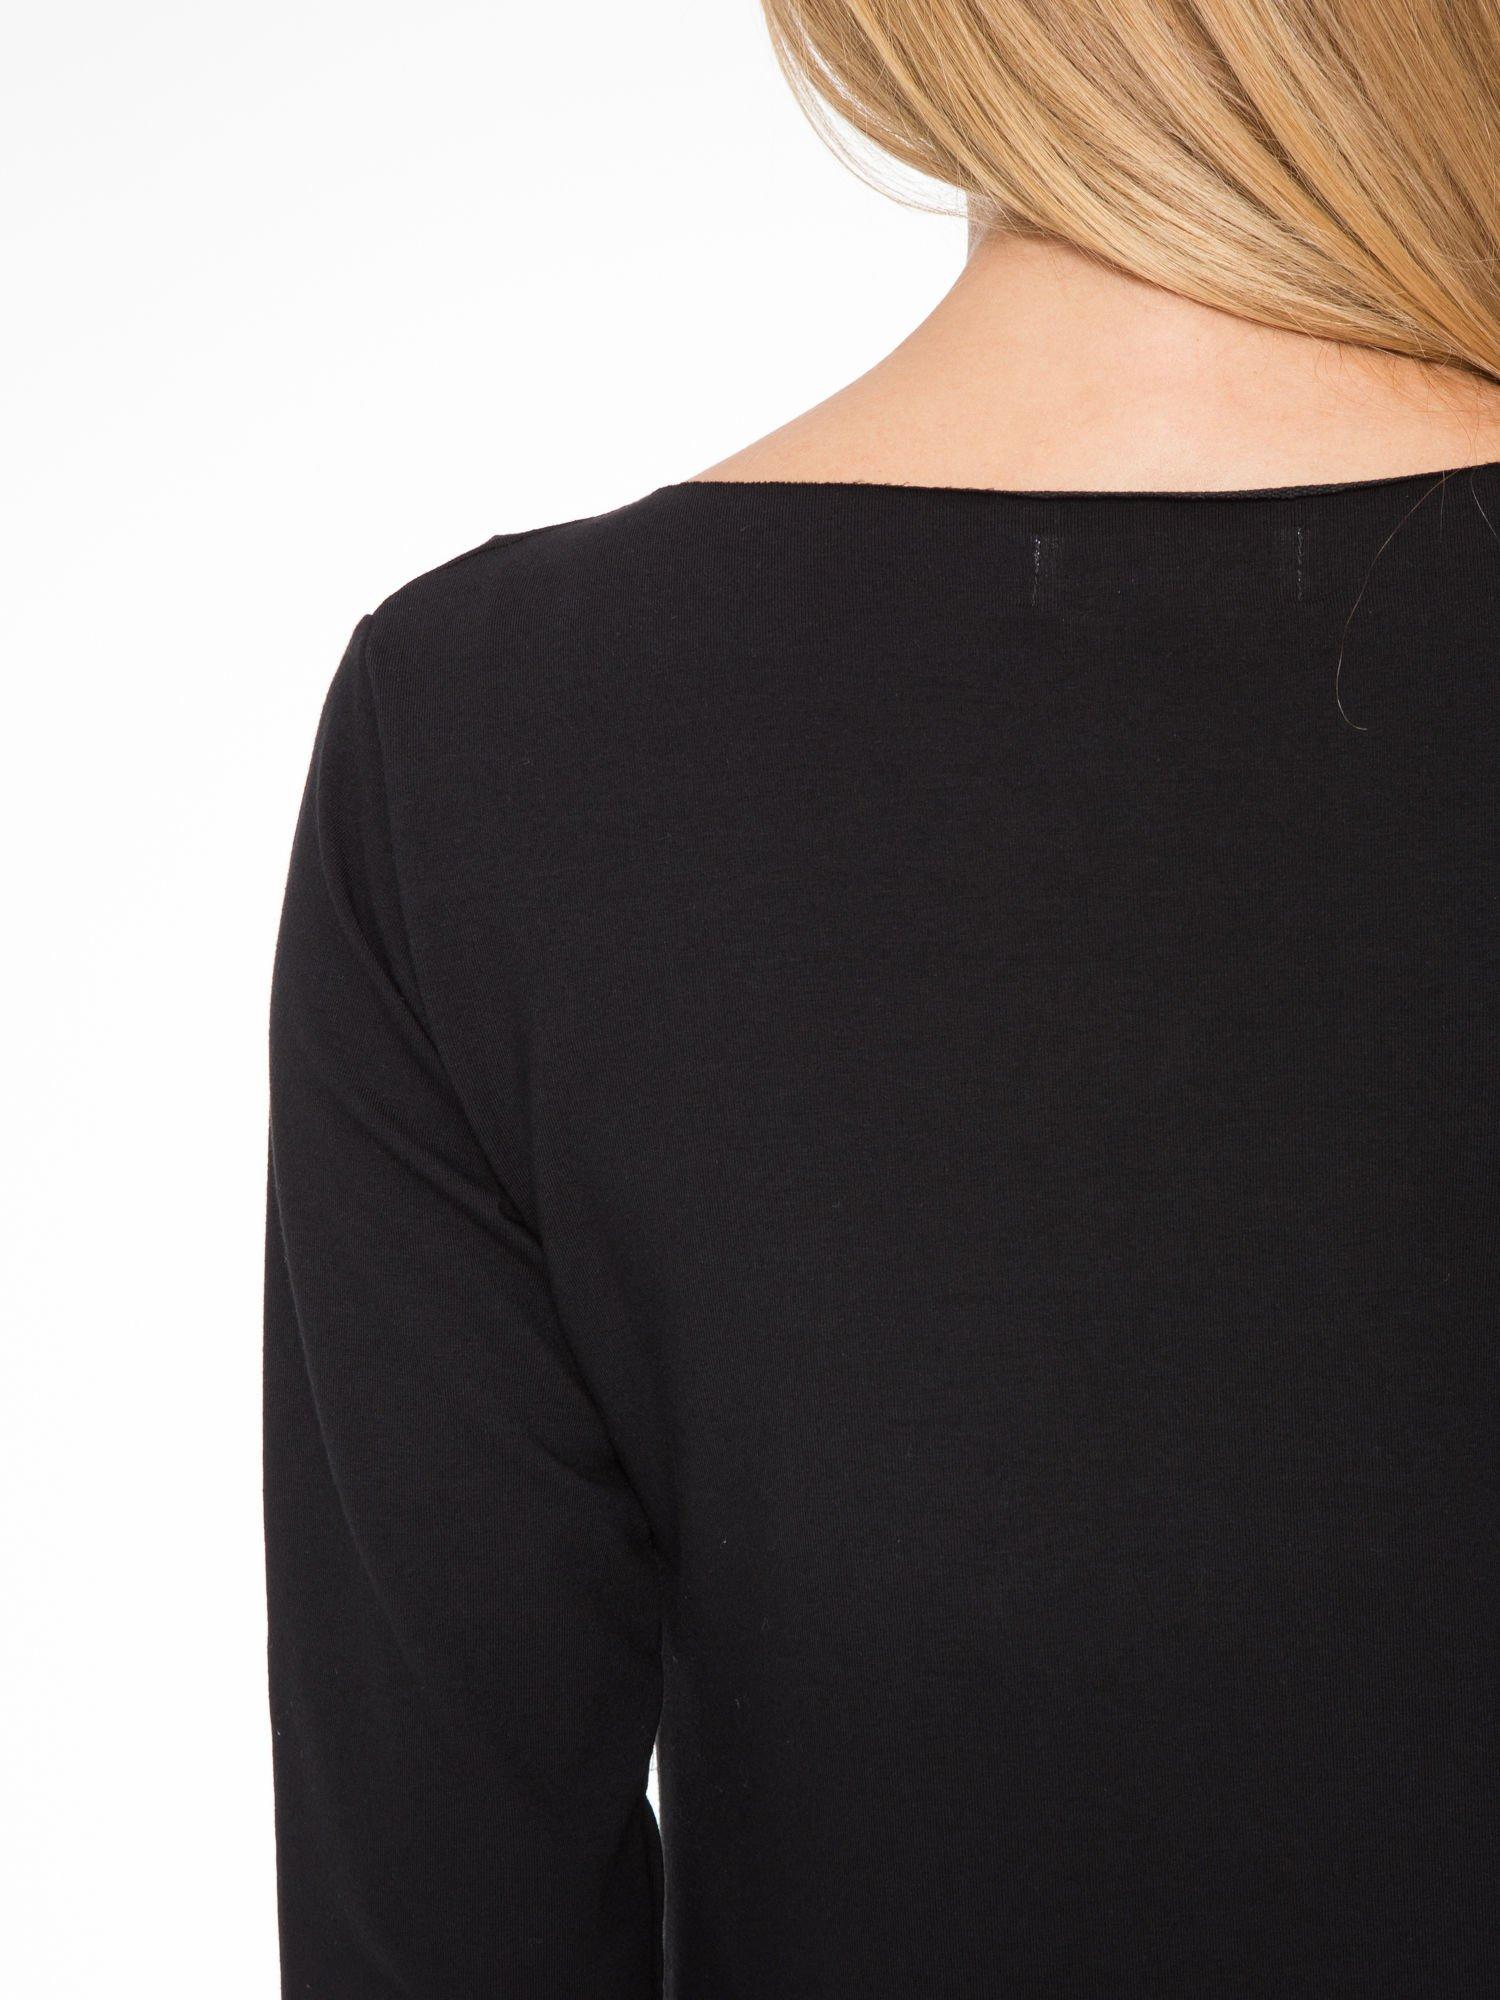 Czarna prosta sukienka z surowym wykończeniem i kieszeniami                                  zdj.                                  8